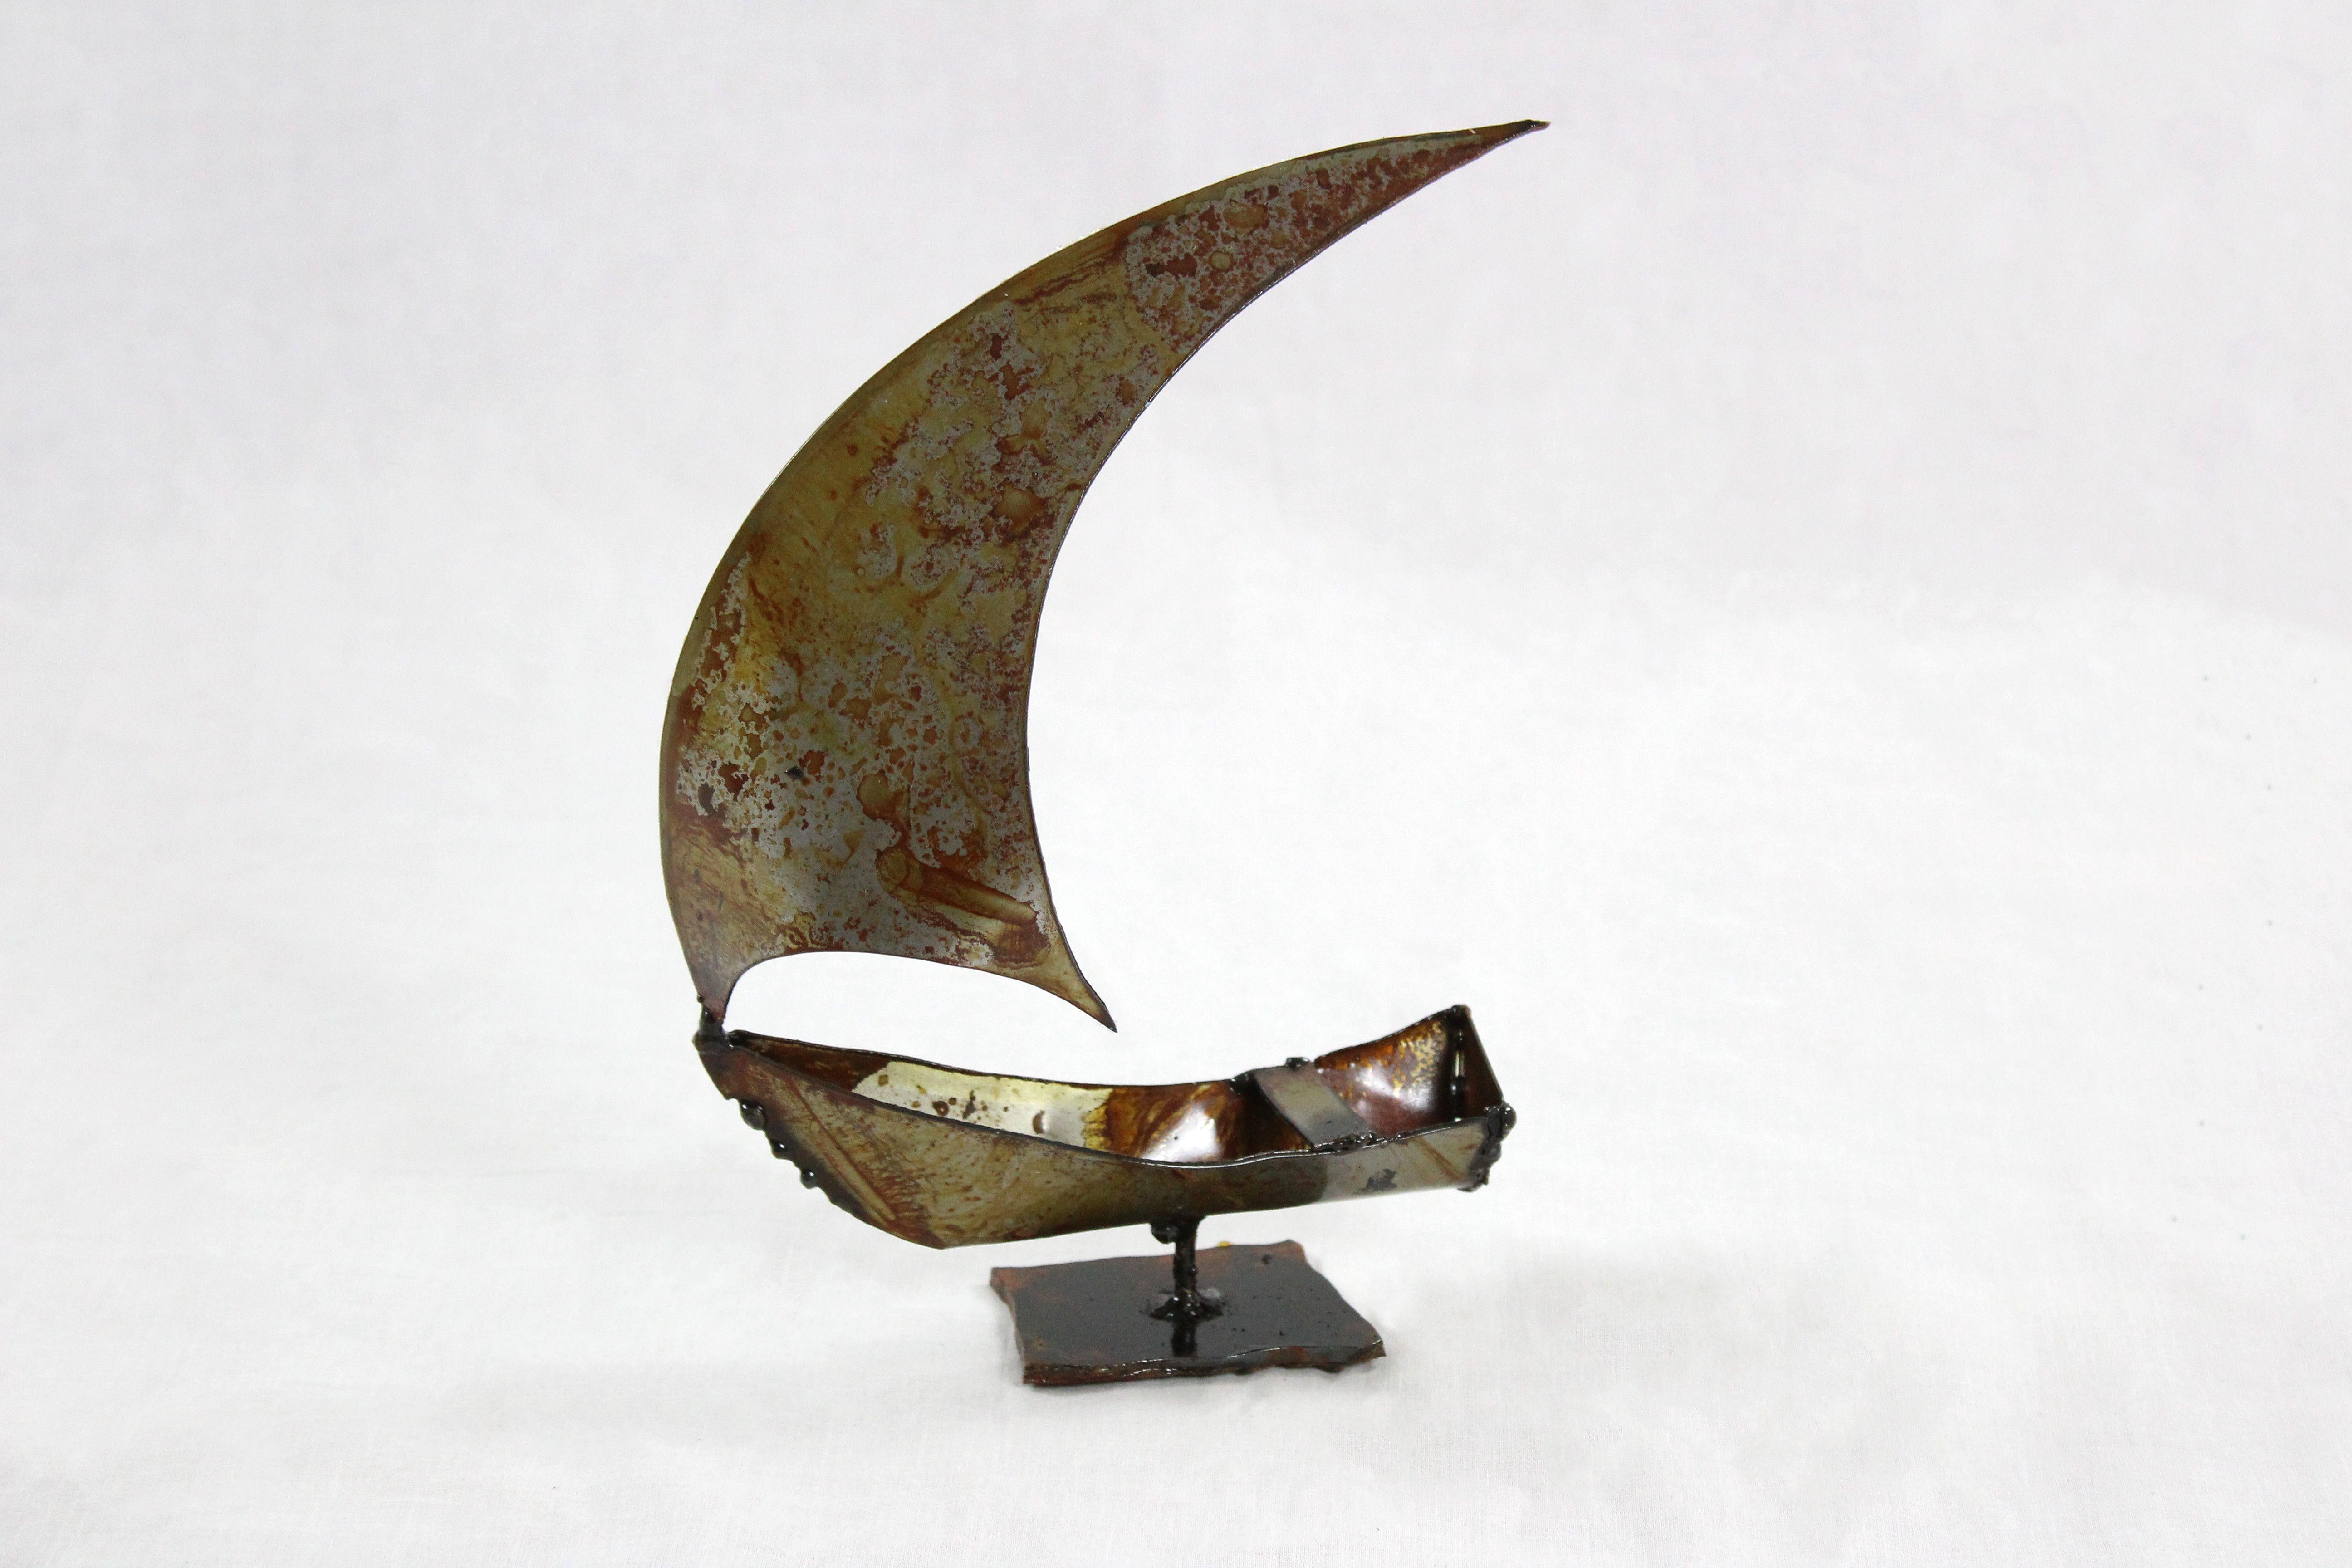 Petit bateau en métal - Guy Fautsch Sculpture